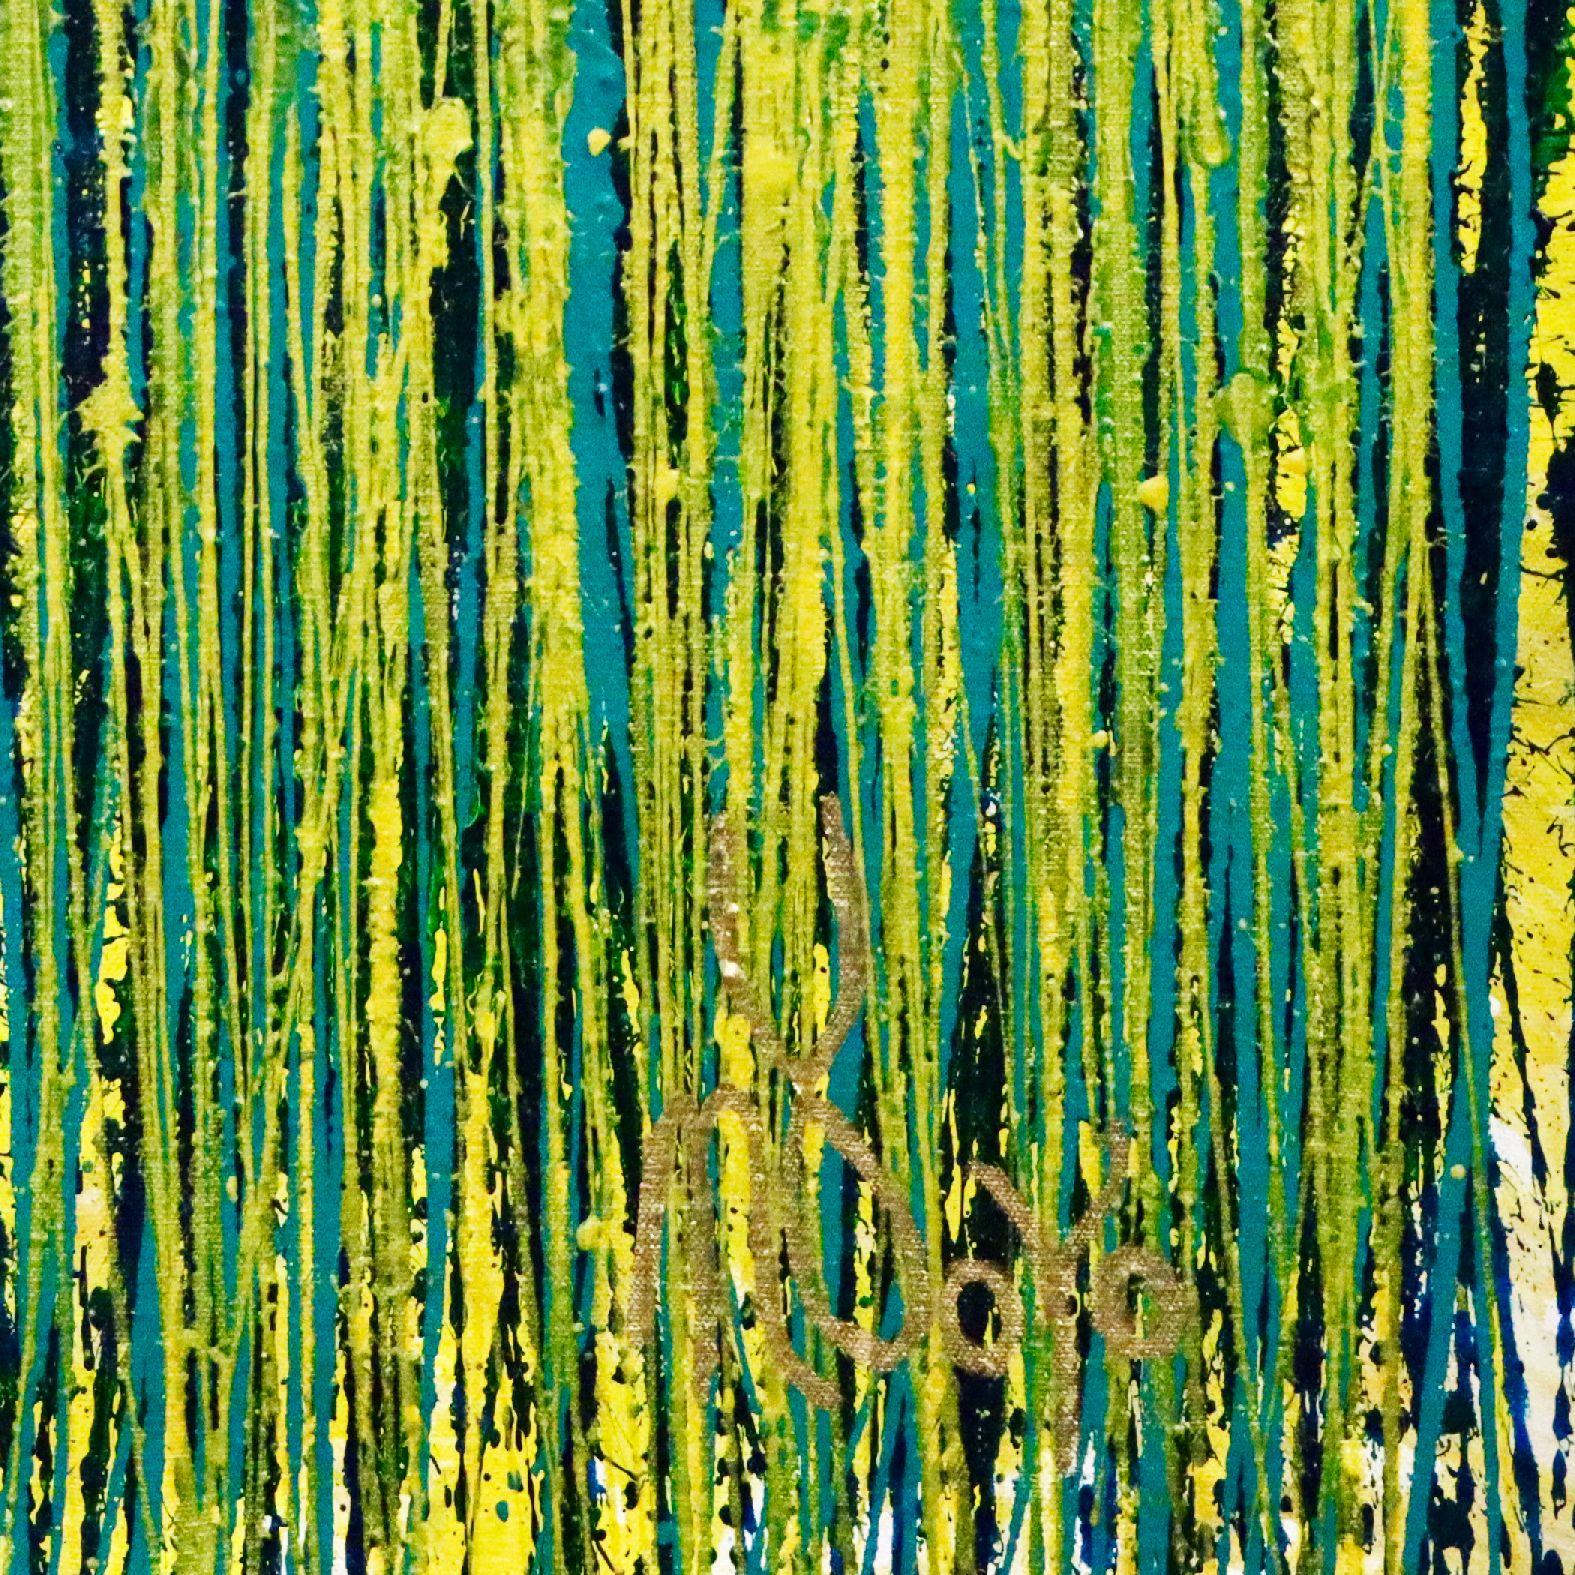 SOLD / Golden Vernal Garden (2020) by Nestor Toro